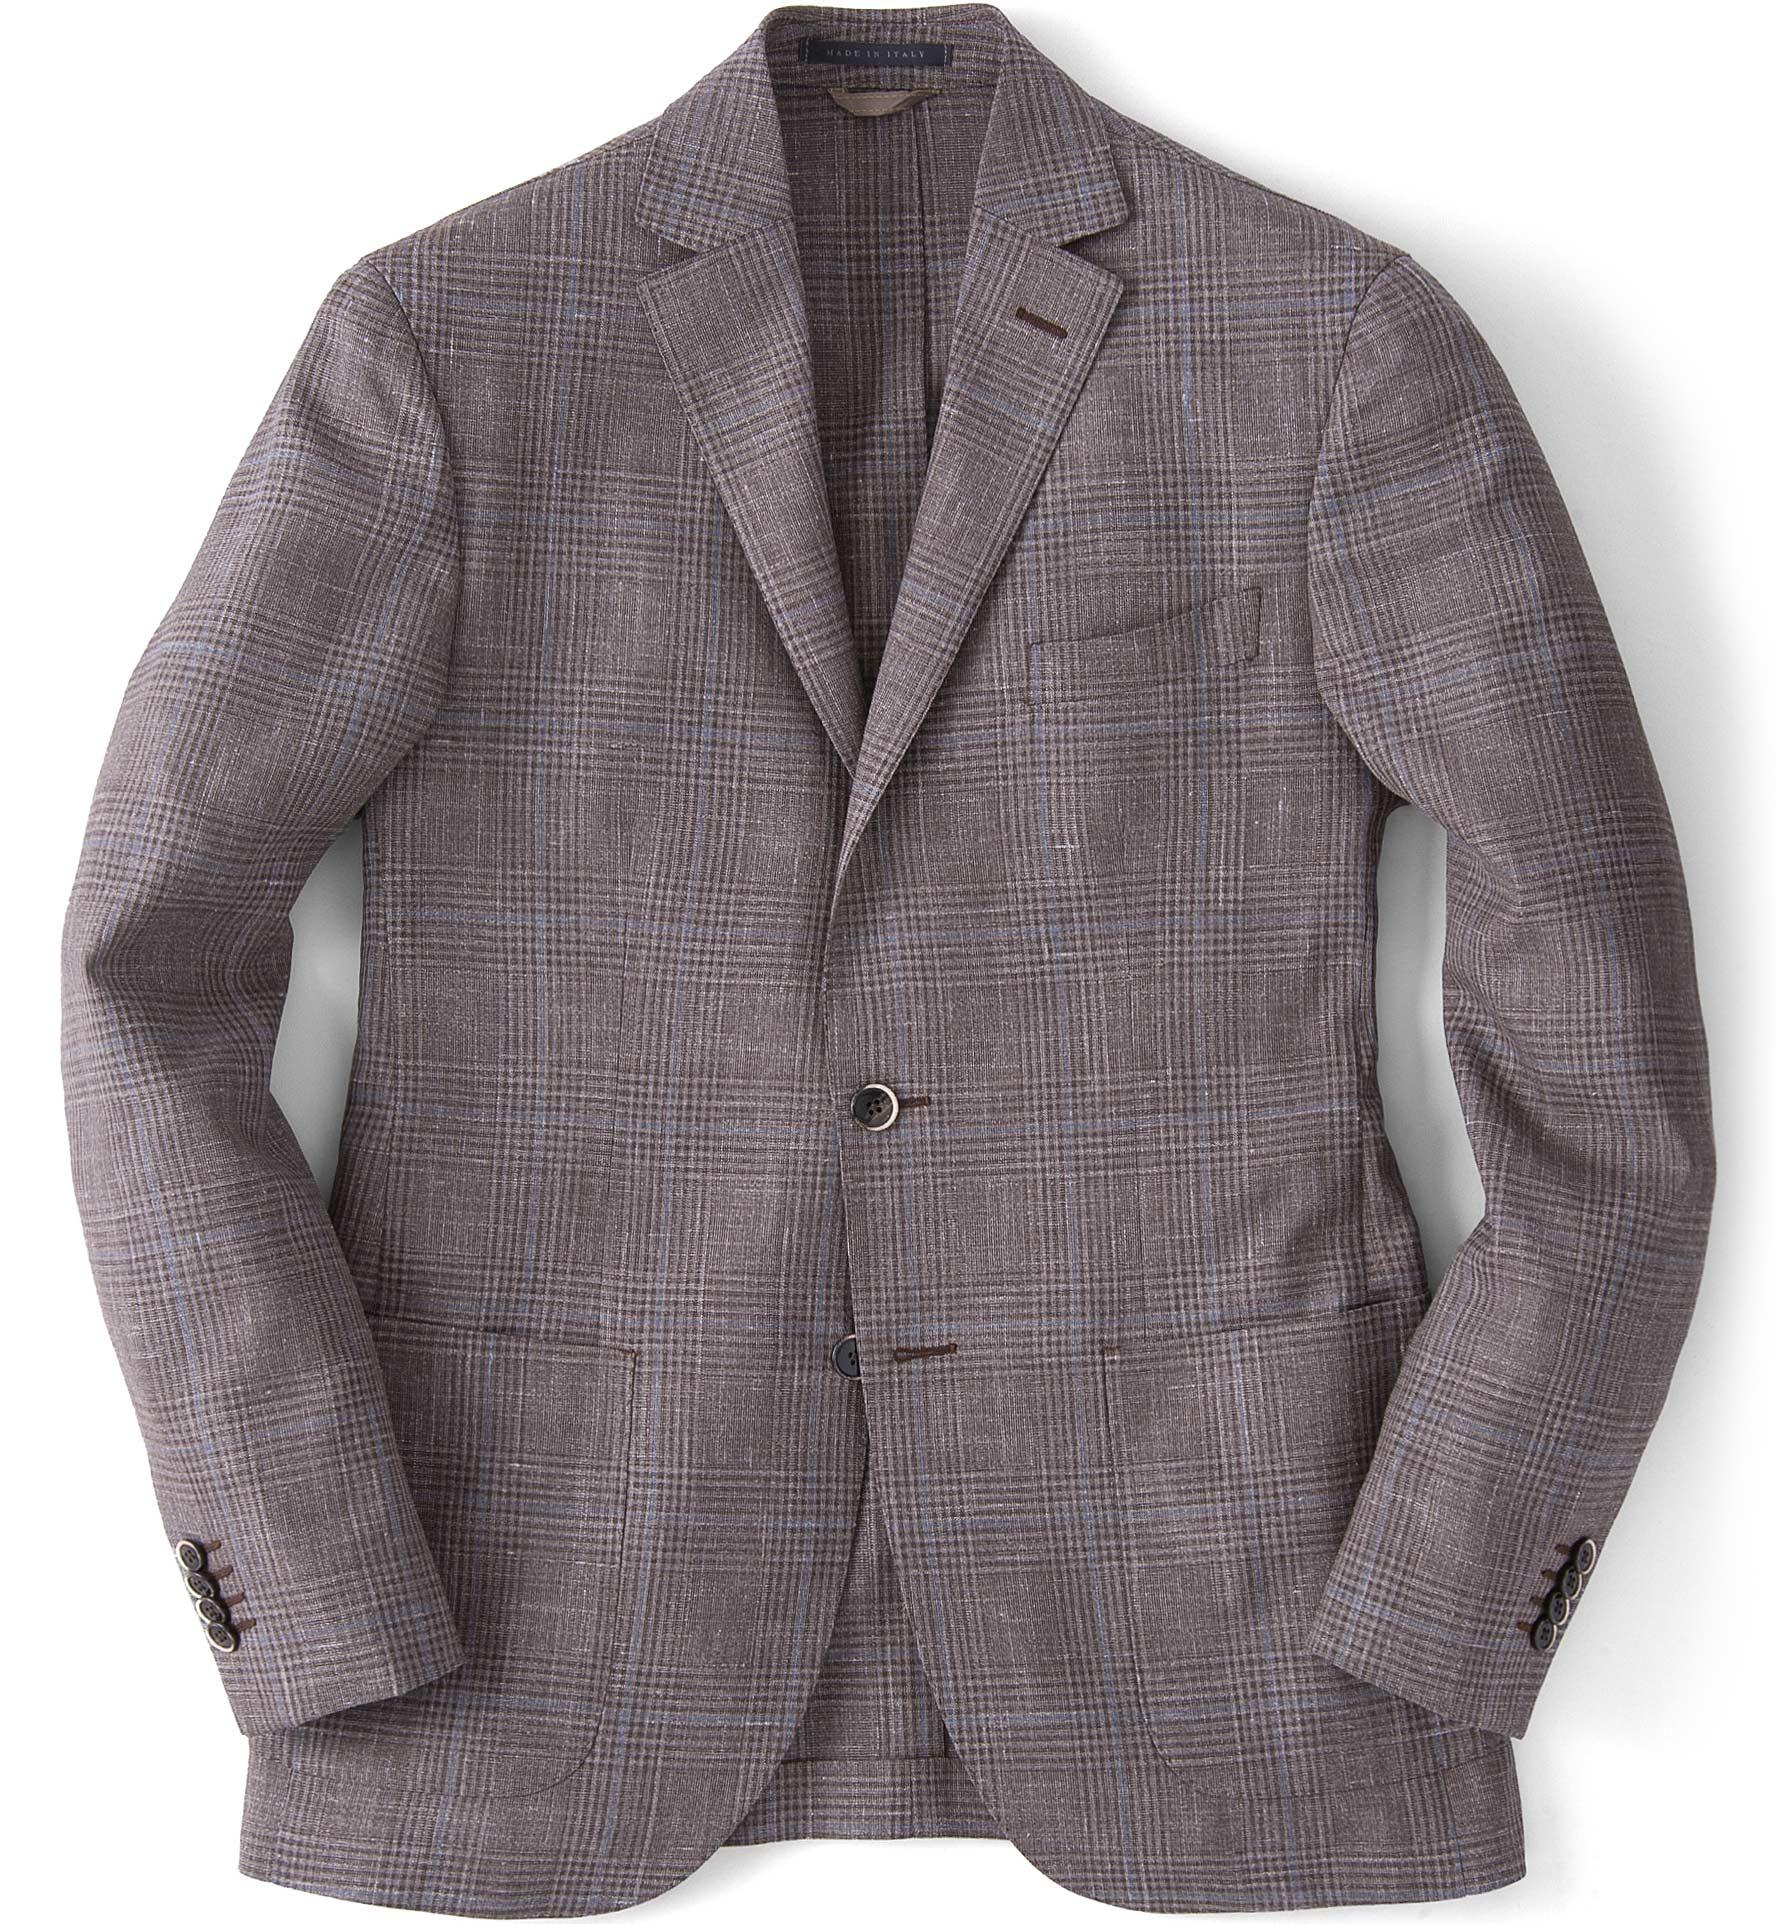 Zoom Image of Beige Glen Plaid Slub Genova Jacket